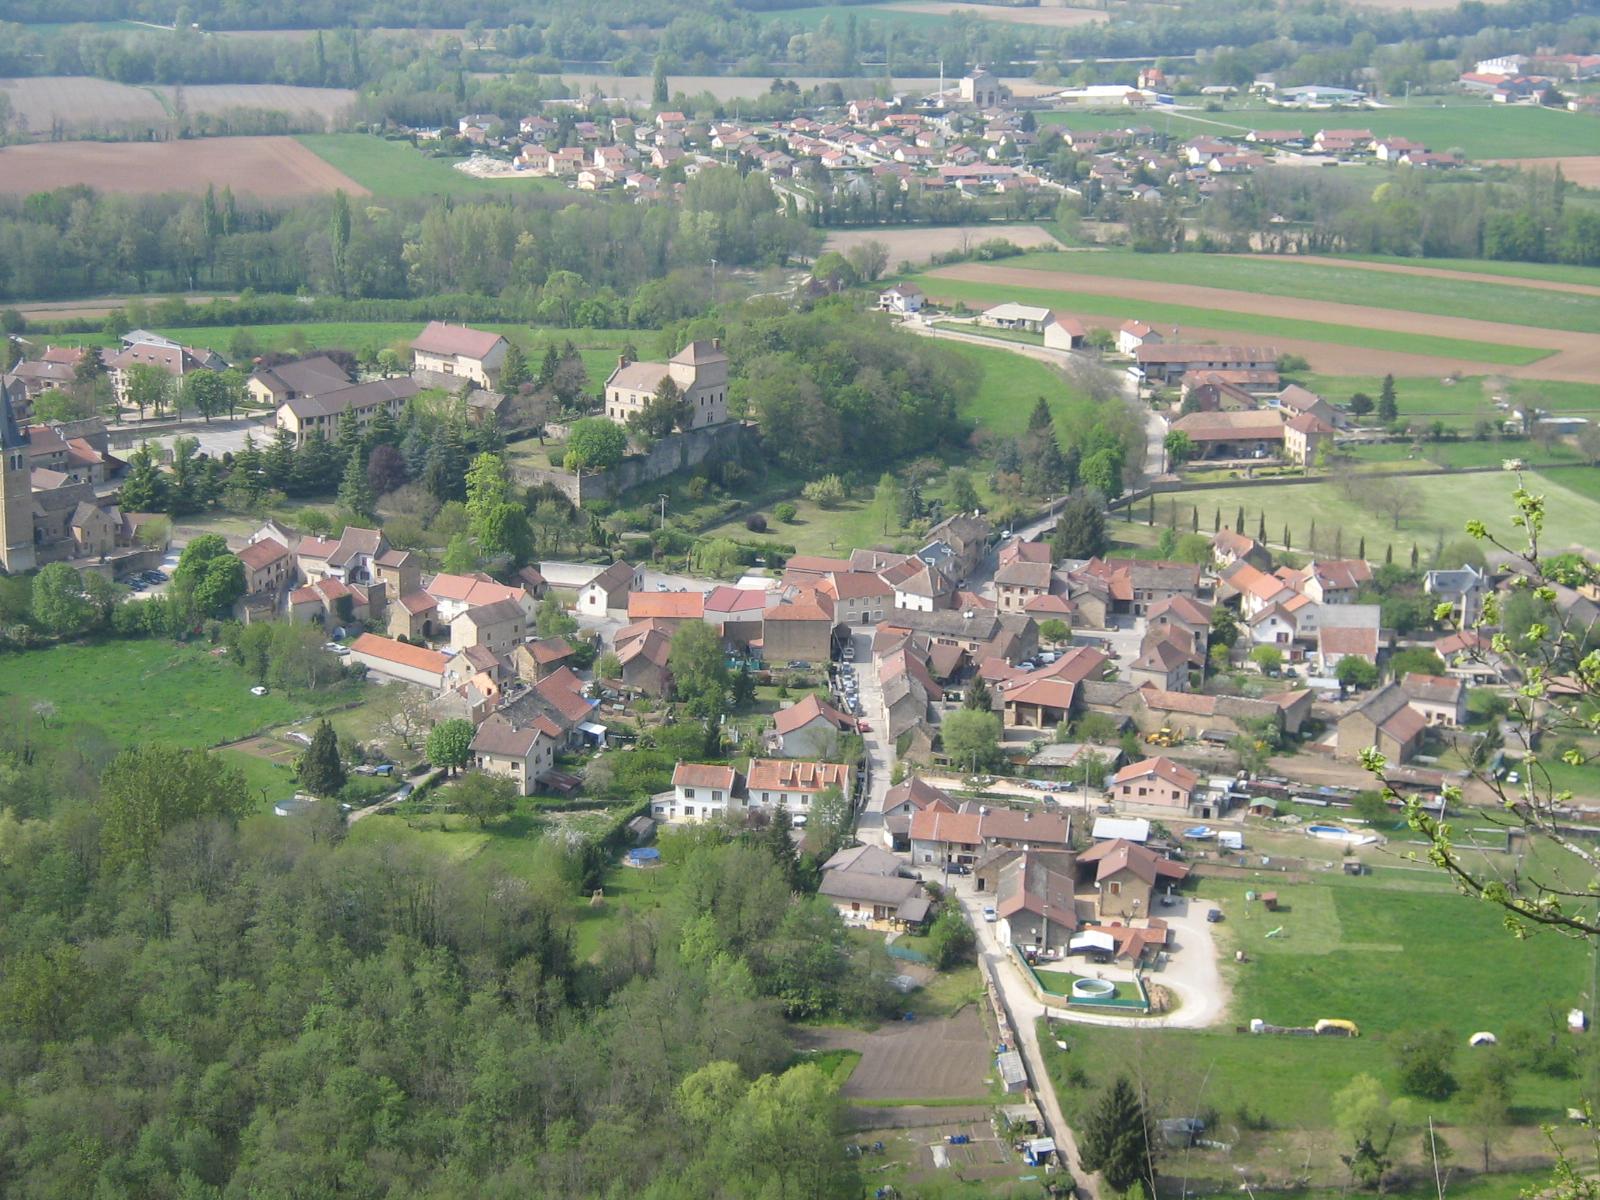 Hières-sur-Amby